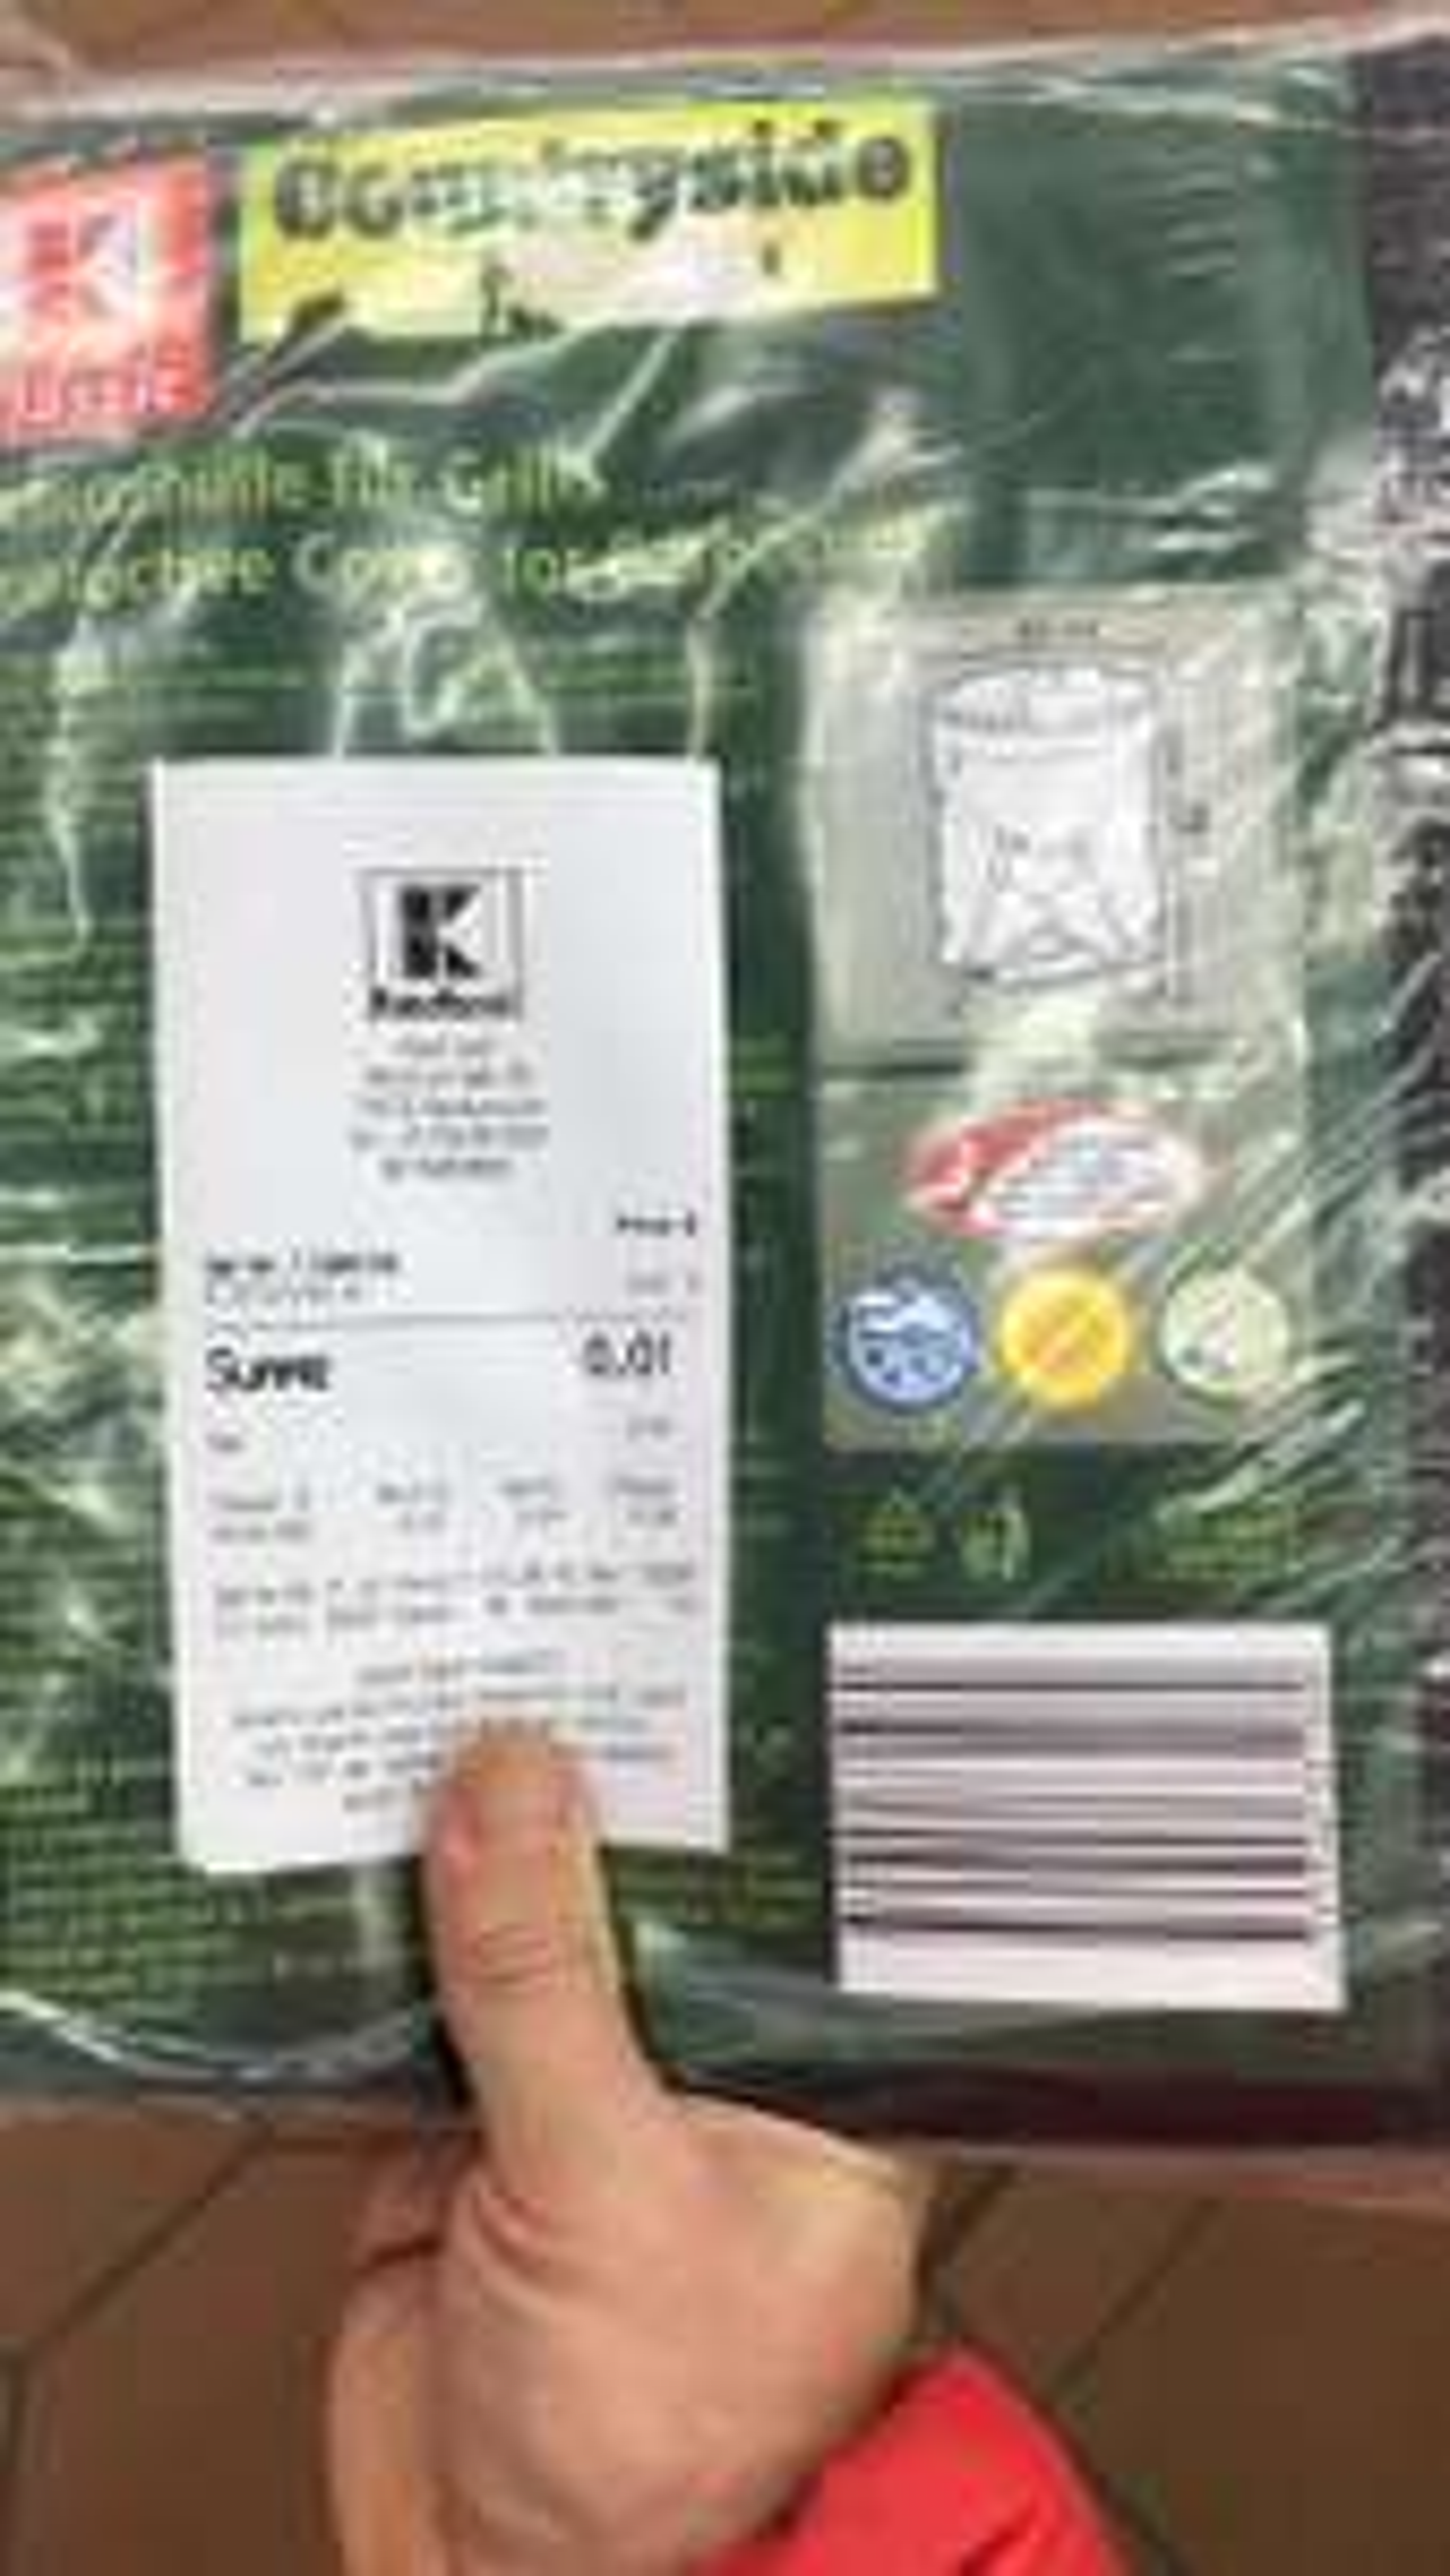 Schutzhülle für Grill (rund) anstatt 5,99€ nur 0,01€ ! Kaufland Neckarsulm